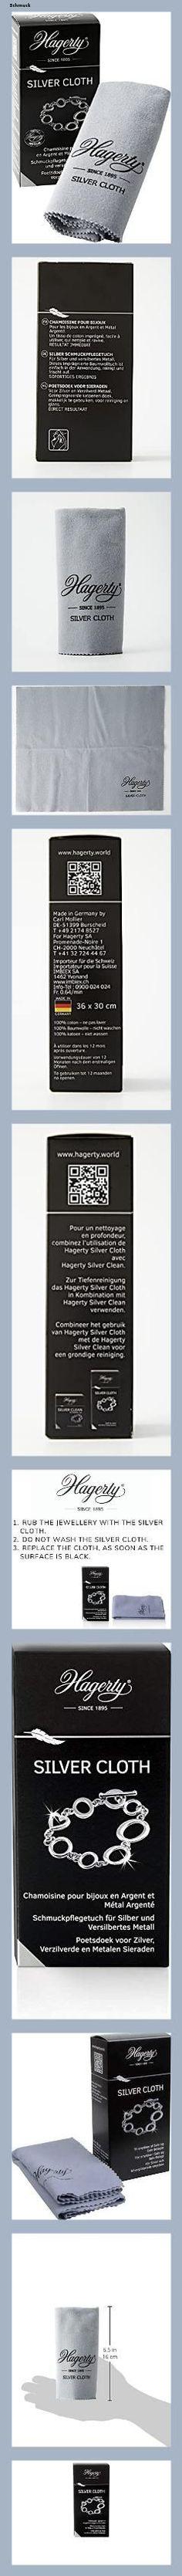 Hagerty Silver Cloth Schmuck Reinigungstuch 36x30cm I imprägniertes Tuch aus Baumwolle I effektives Silberputztuch mit Anlaufschutz zur Reinigung von Silberschmuck und Versilbertem - 153f